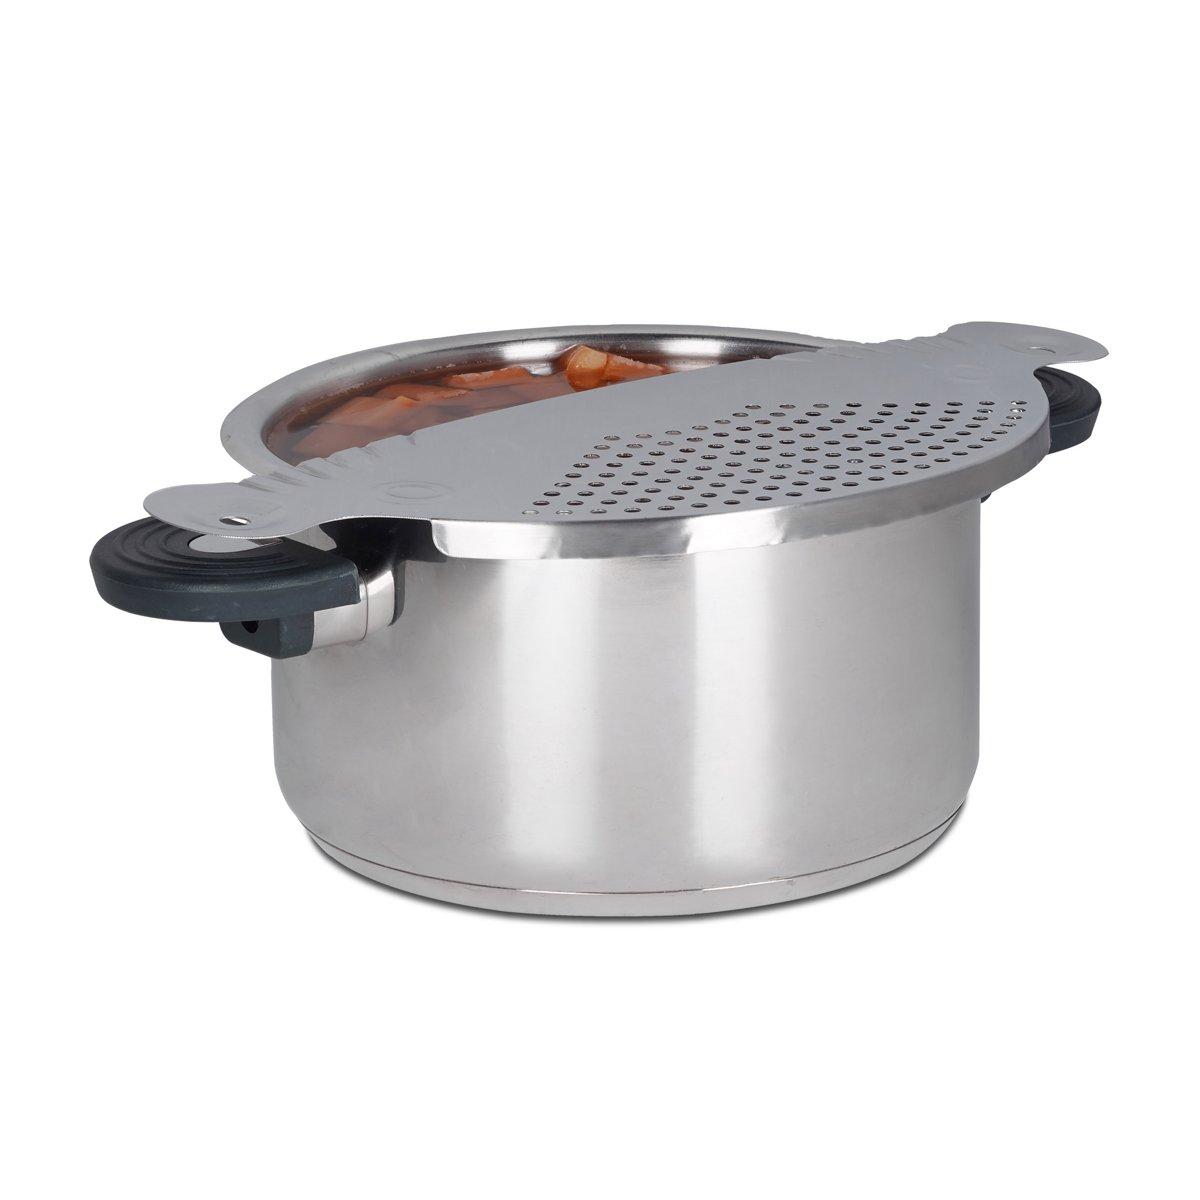 relaxdays afgiethulp roestvrij staal  - afgieten - keukenhulp - zeef - zilver - afdruipen kopen